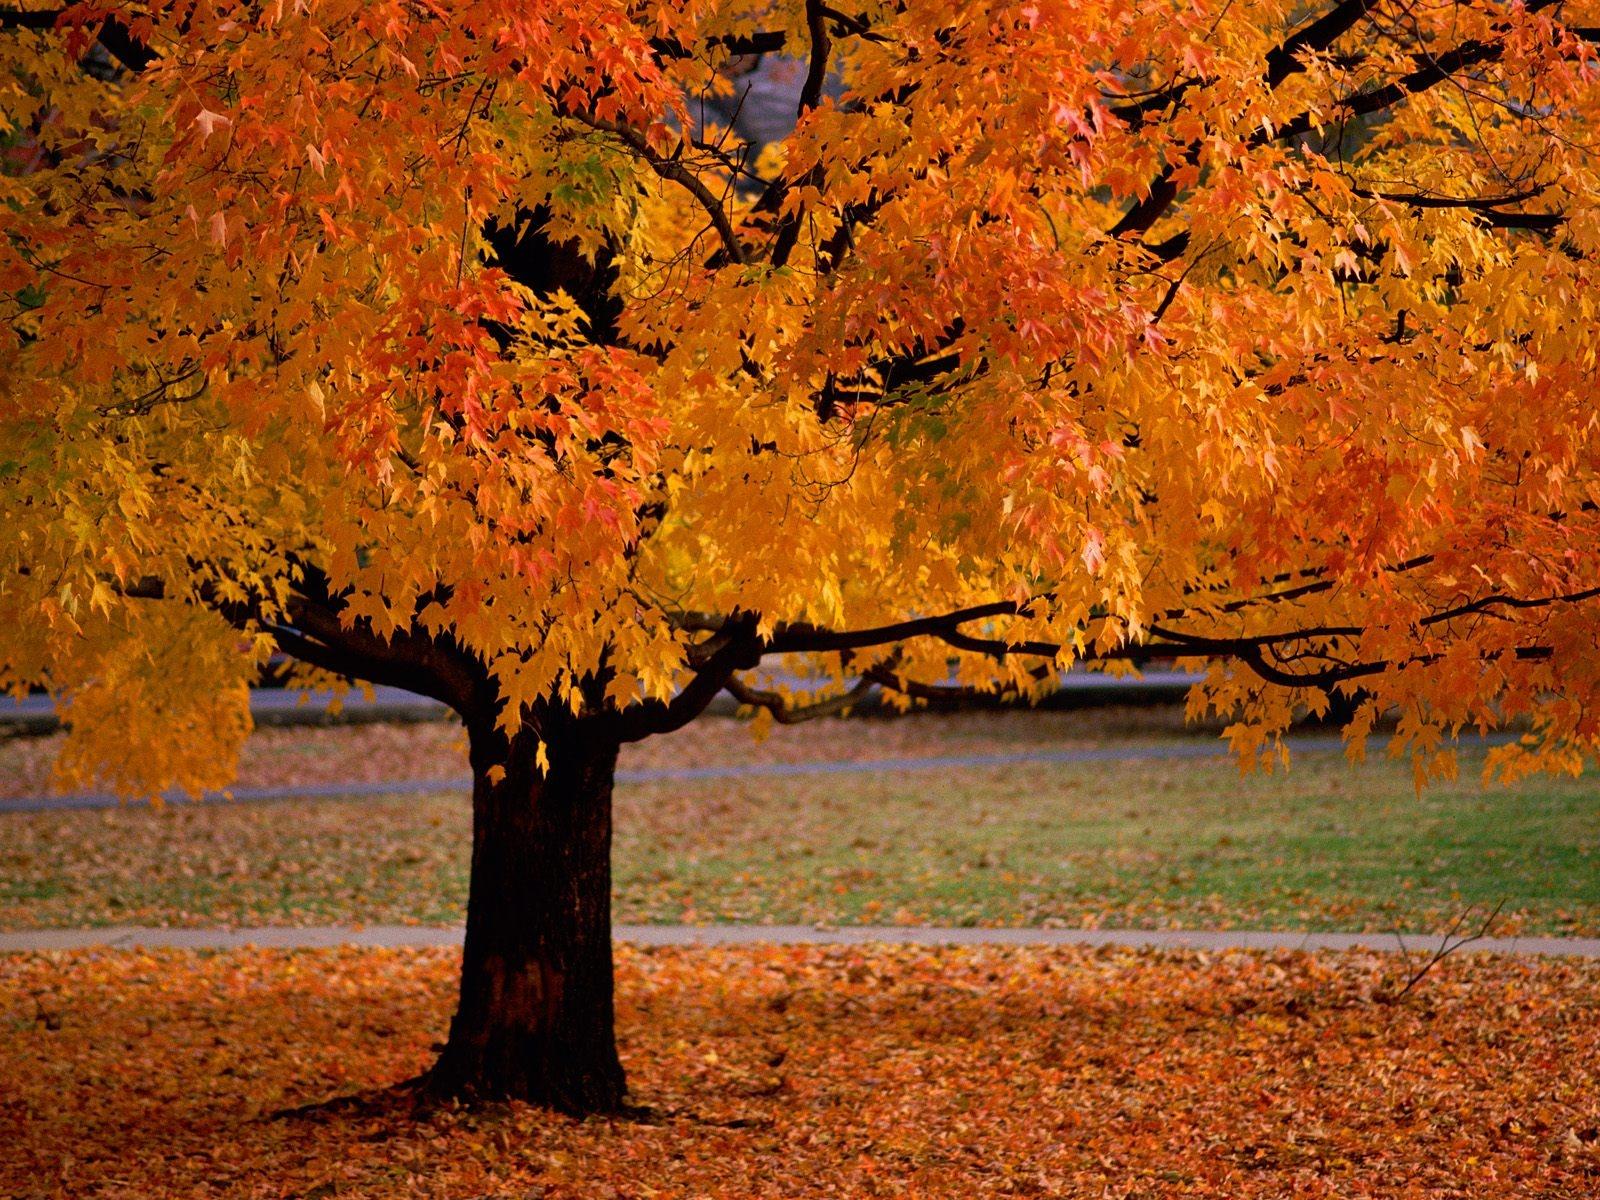 An Autumn Beauty     ID 34533   PREMIUjpg 1600x1200